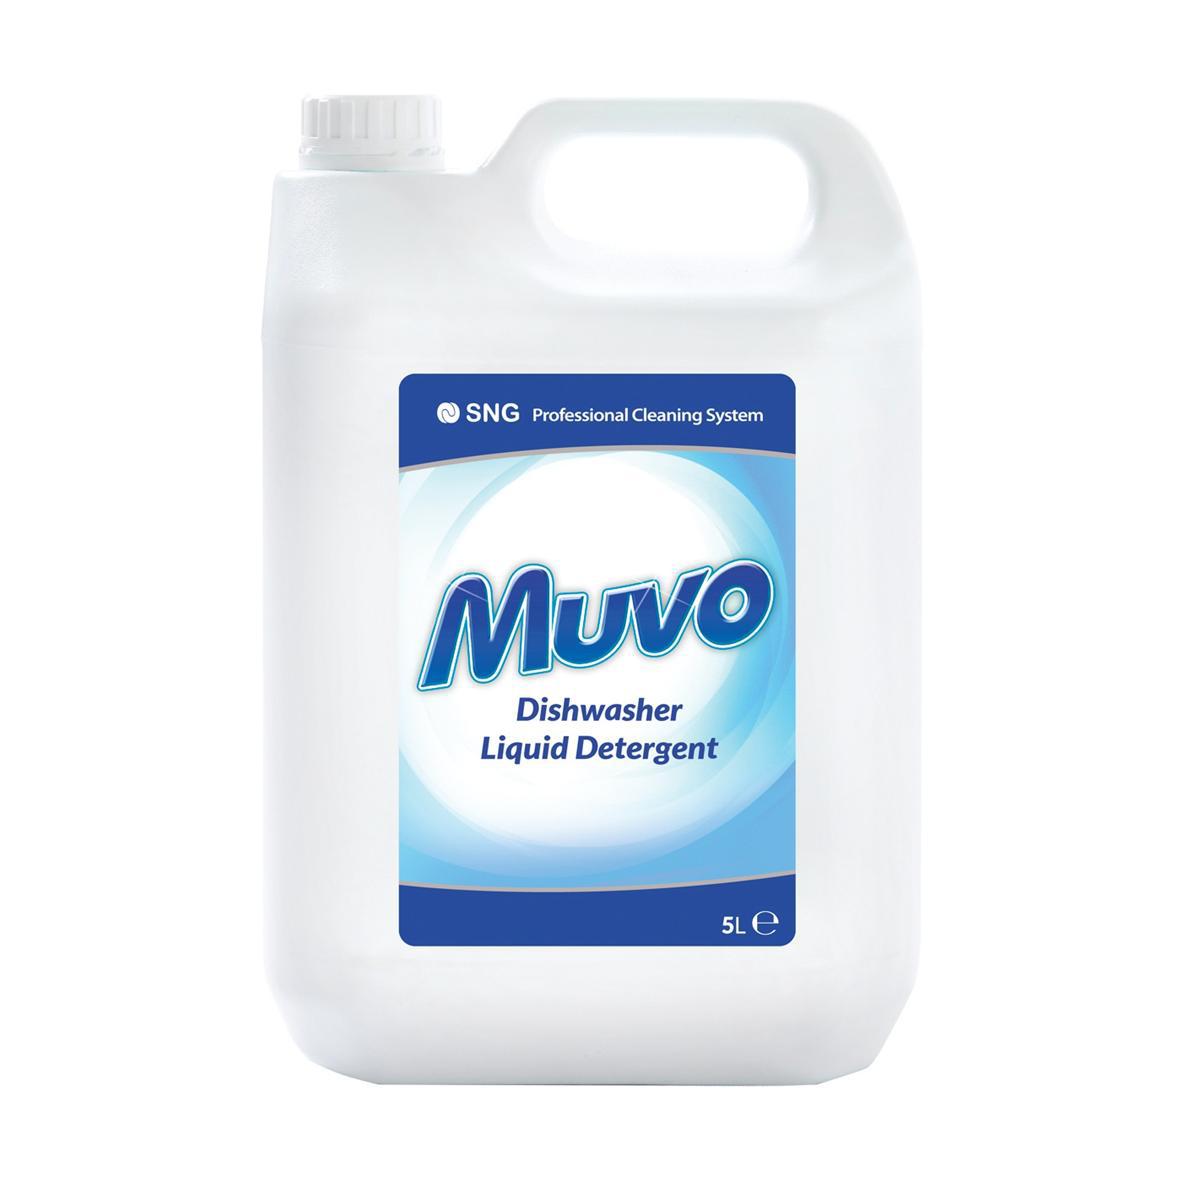 Muvo Pro Dishwasher Liquid Detergent 5 Litres Ref M5LTRDD